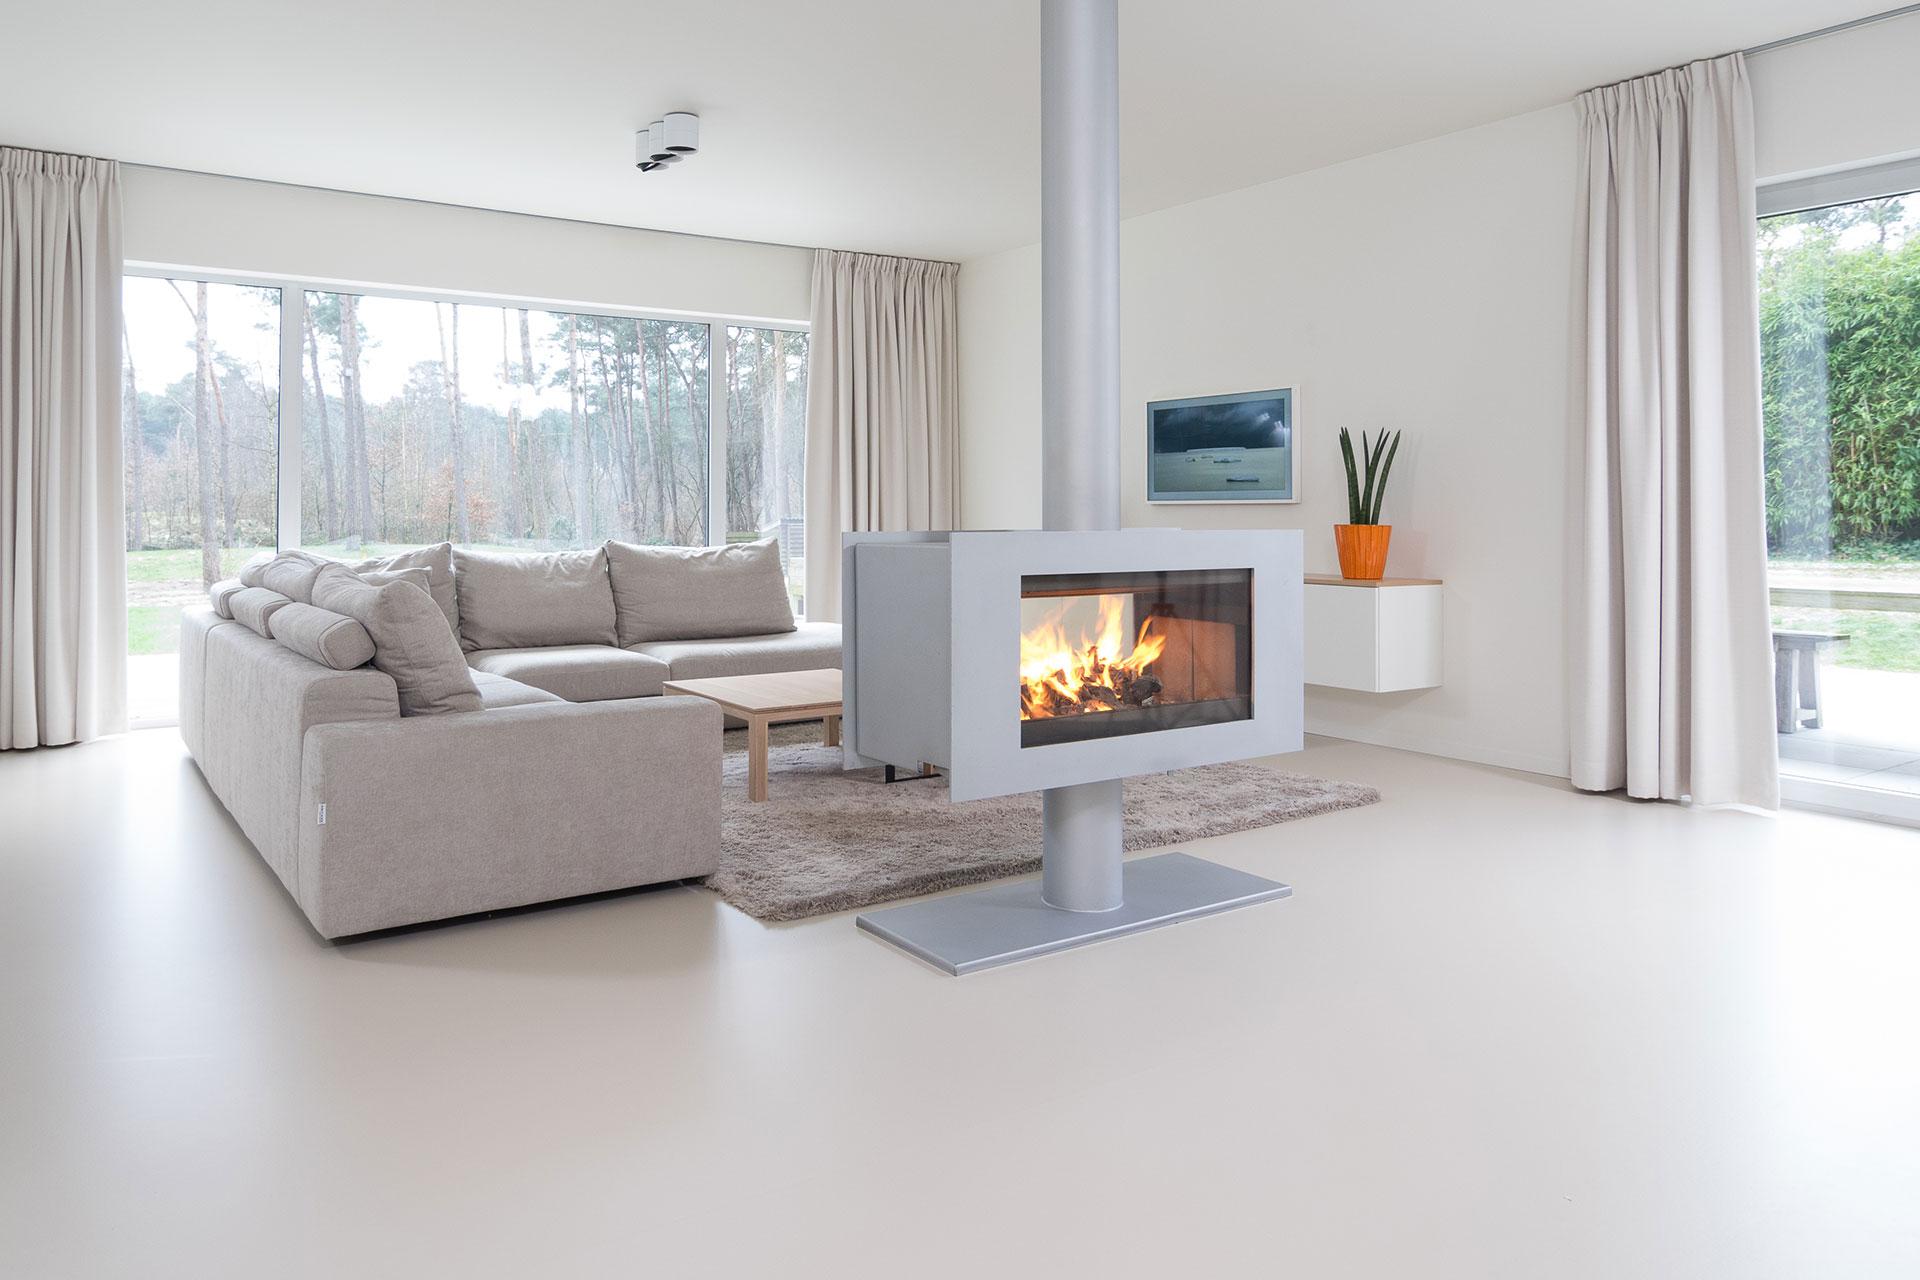 Licht En Interieur.Een Interieur Met Gietvloer Straalt Licht Warmte En Rust